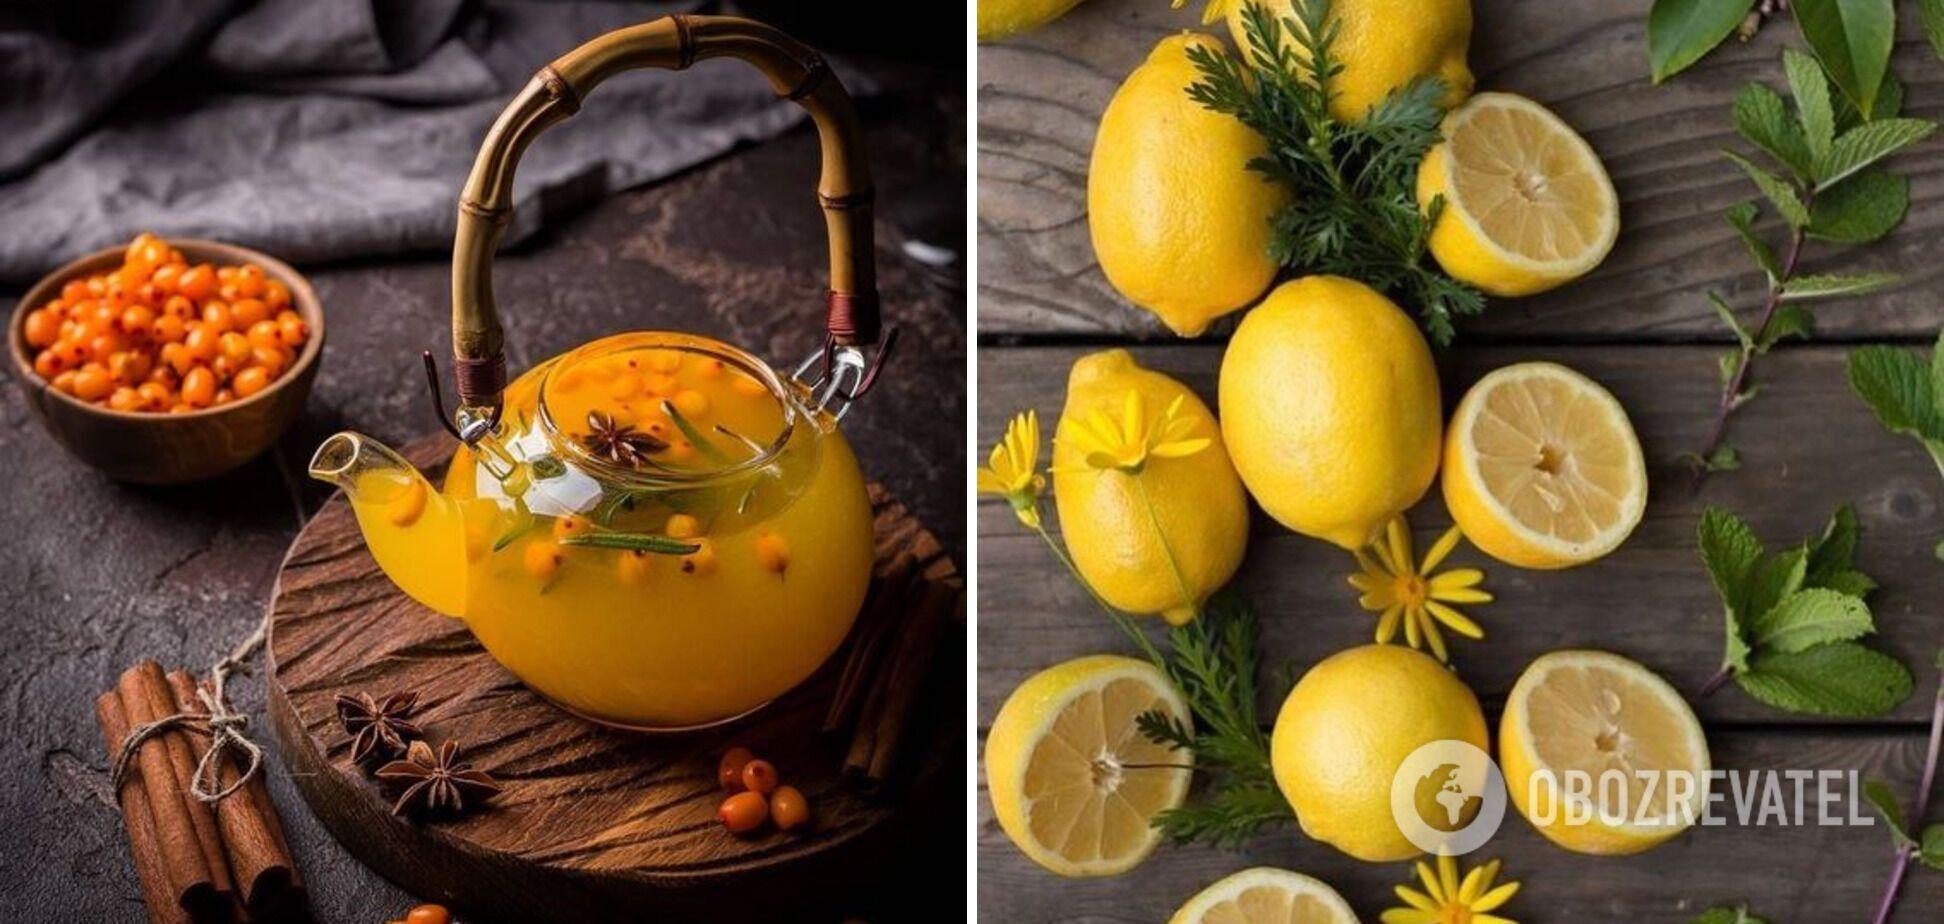 Інгредієнти до чаю – обліпиха та лимон